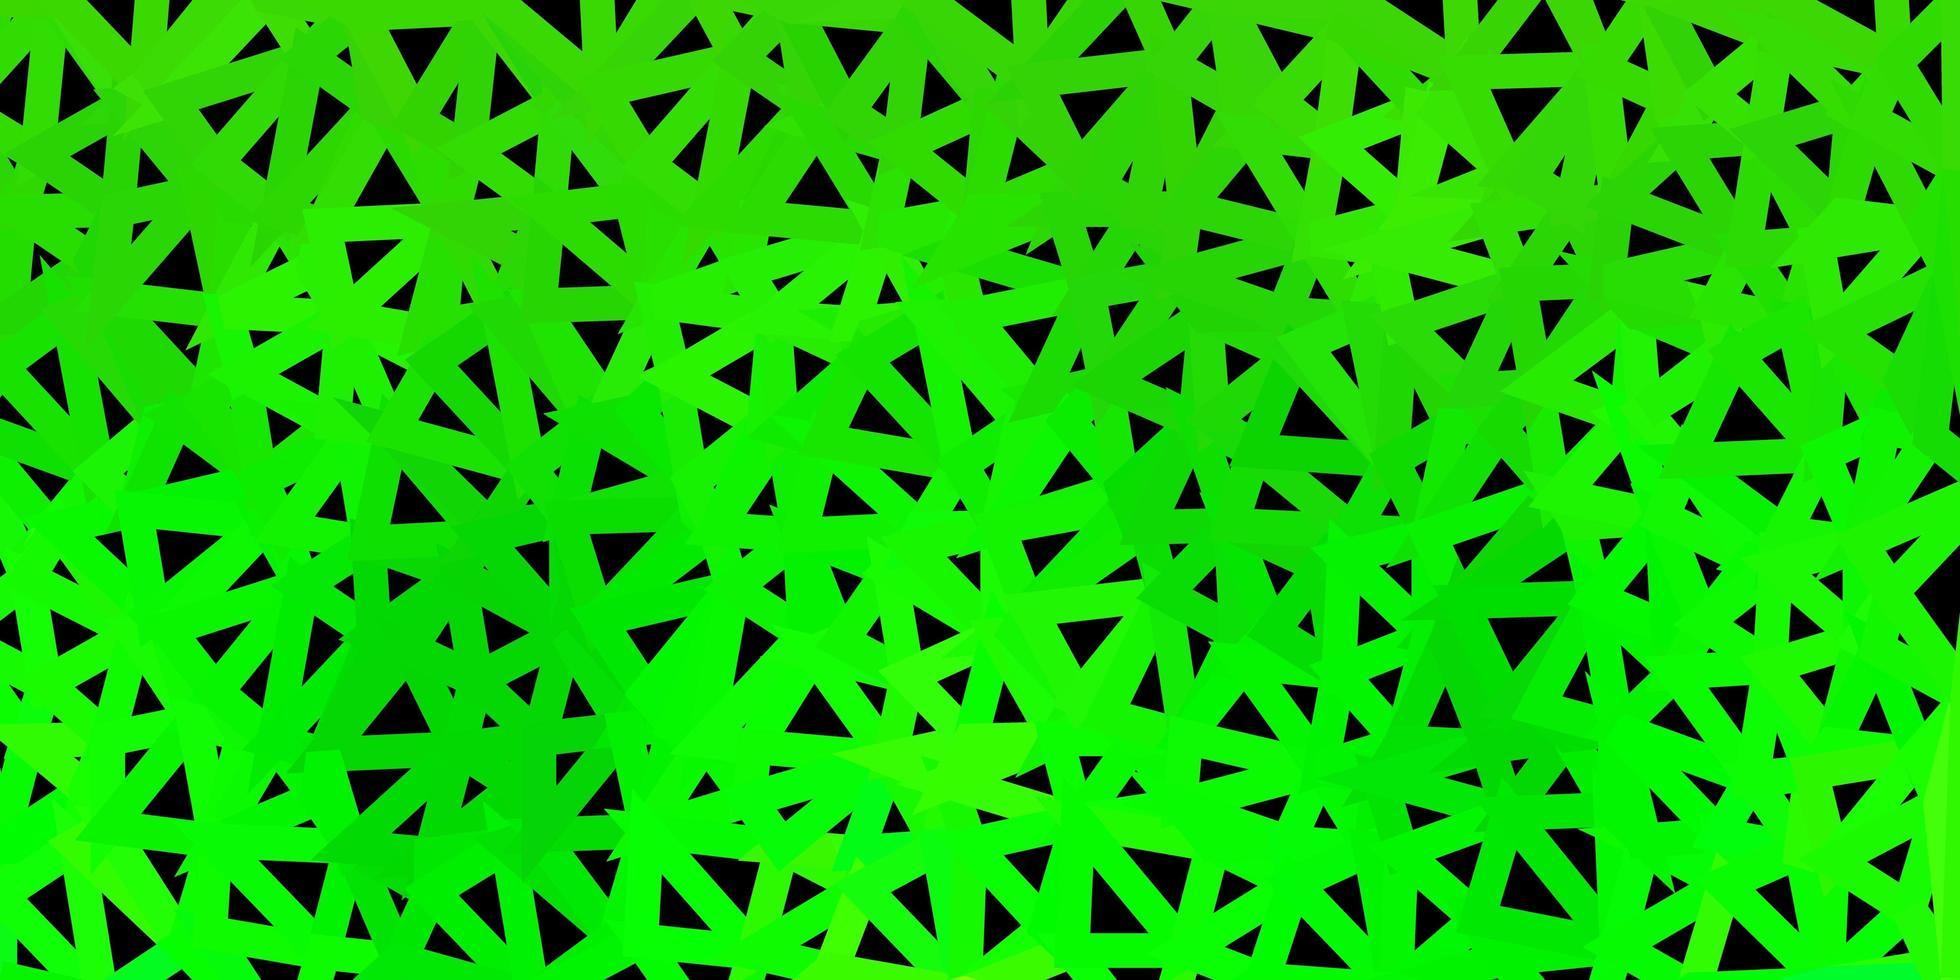 patrón de triángulo abstracto vector verde oscuro.